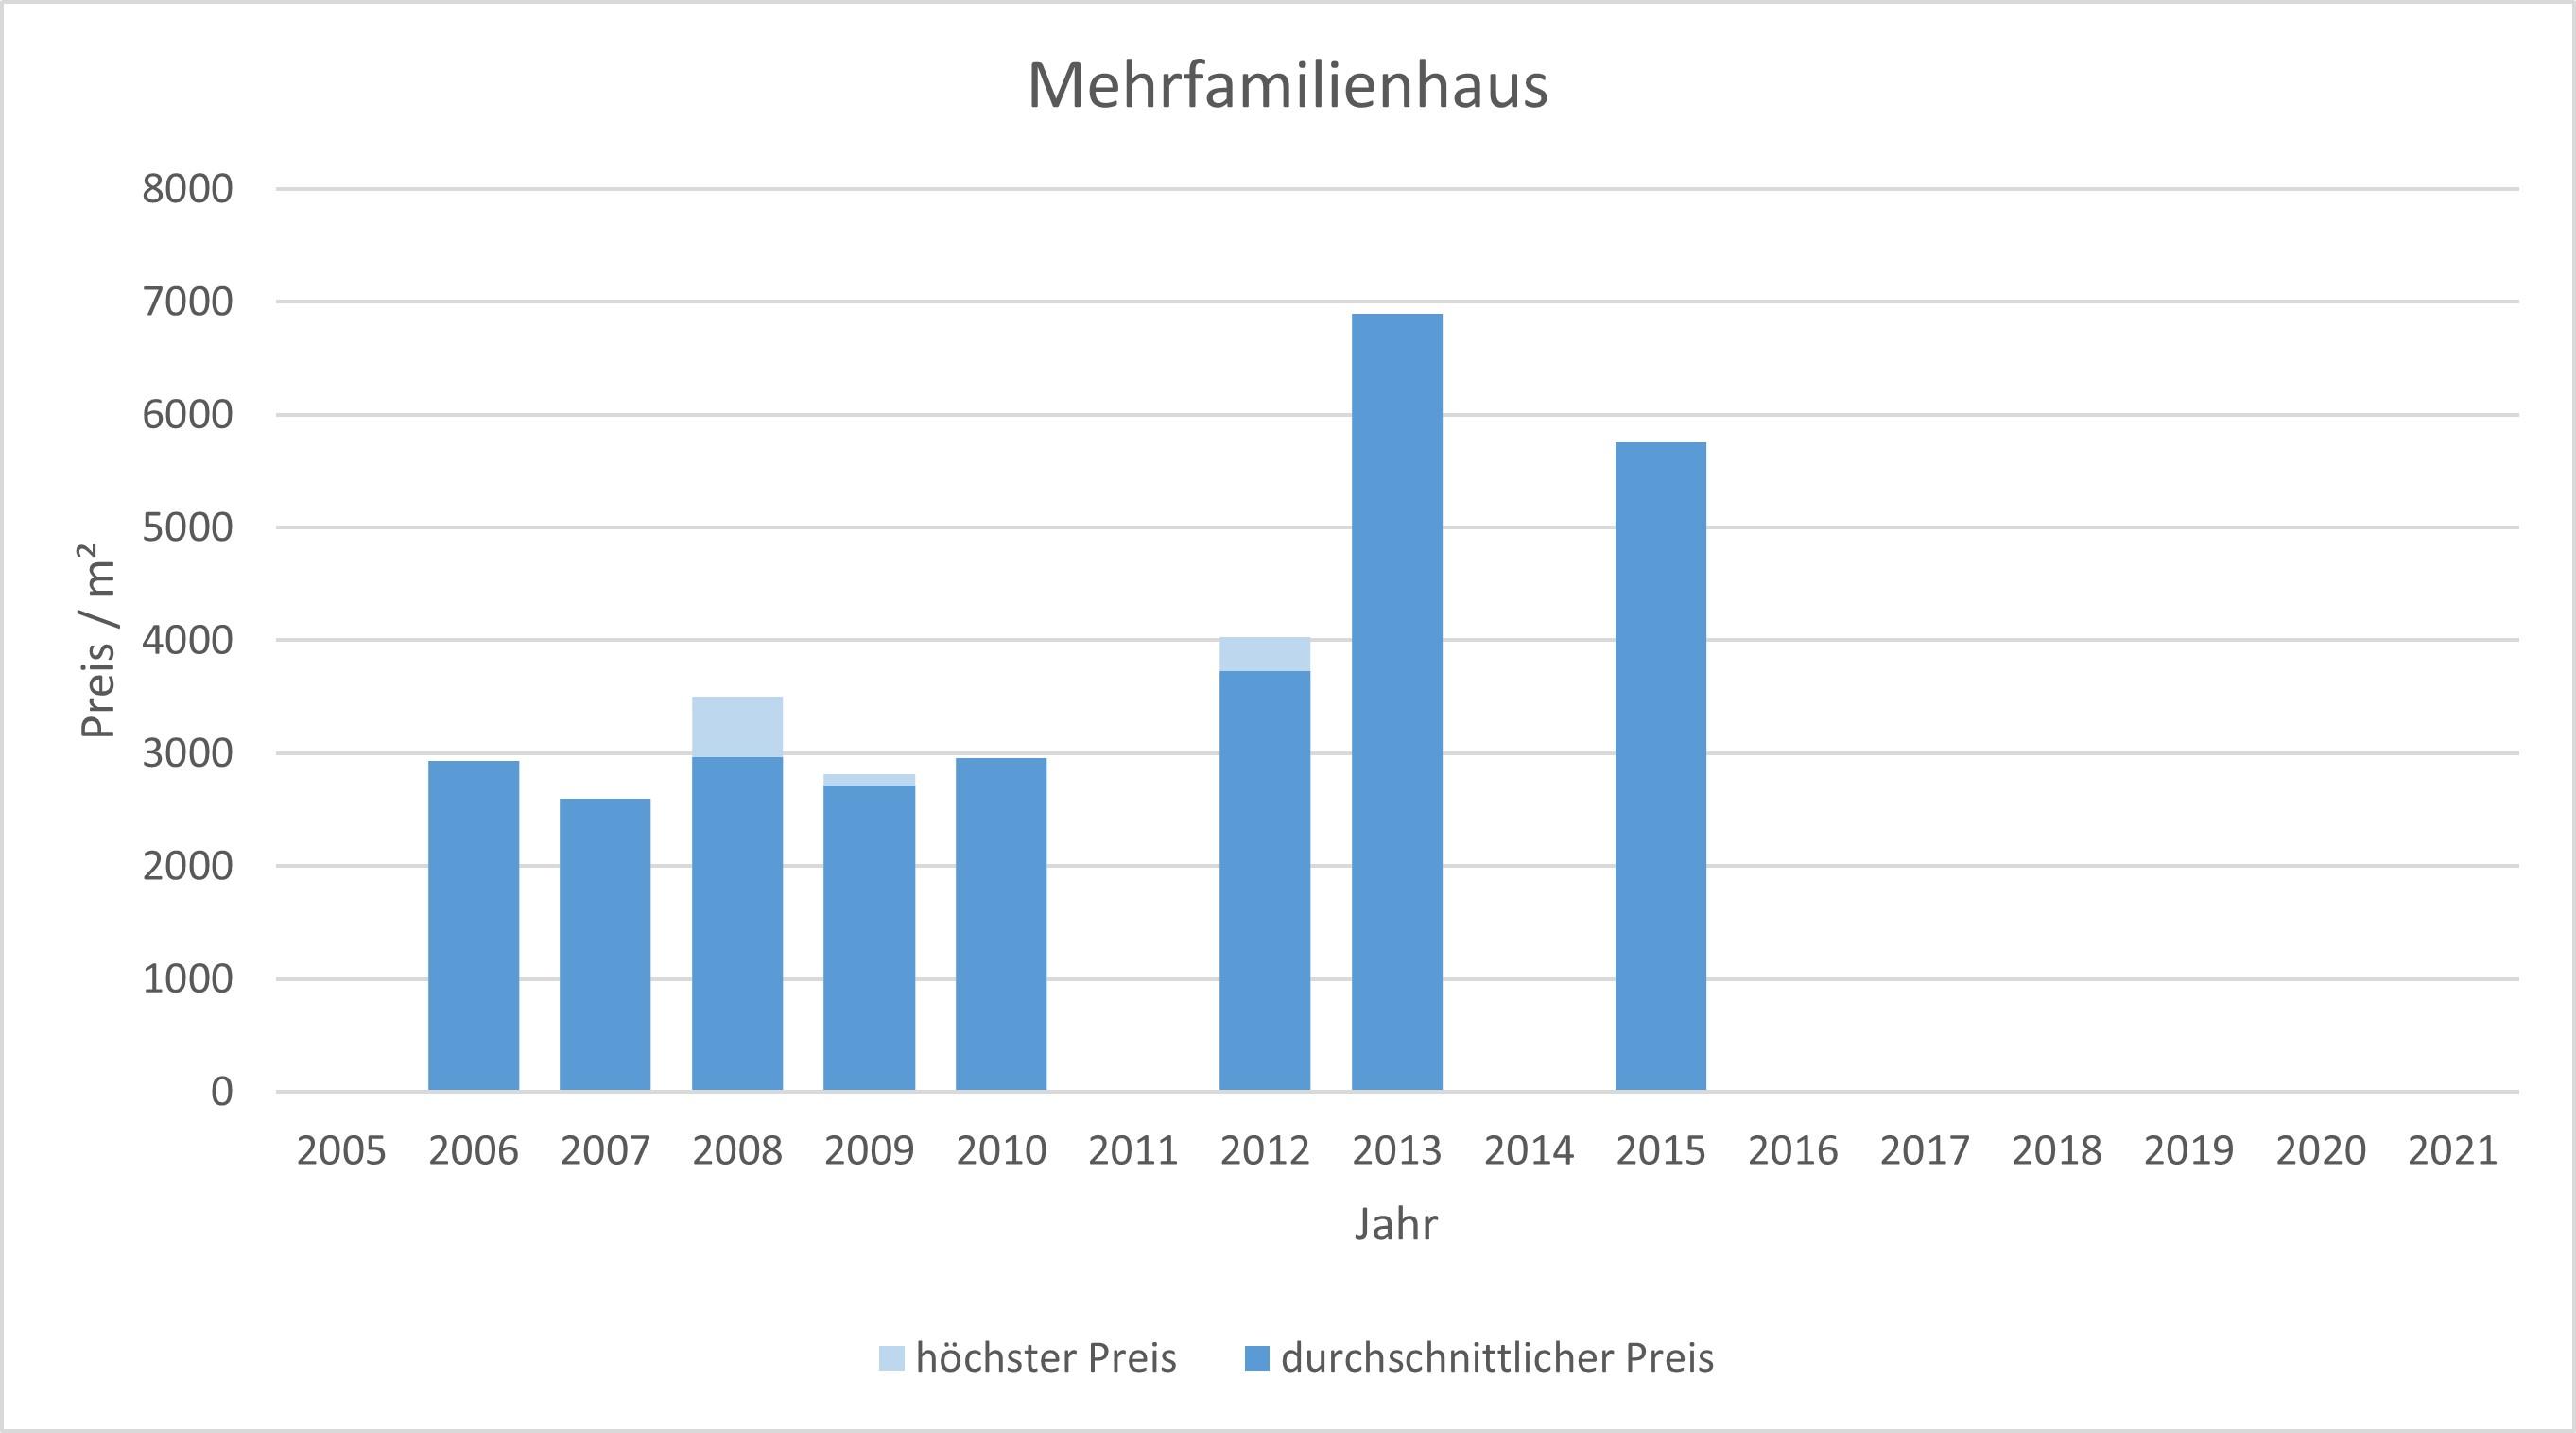 München - Daglfing Mehrfamilienhaus kaufen verkaufen Preis Bewertung Makler 2019 2020 2021 www.happy-immo.de